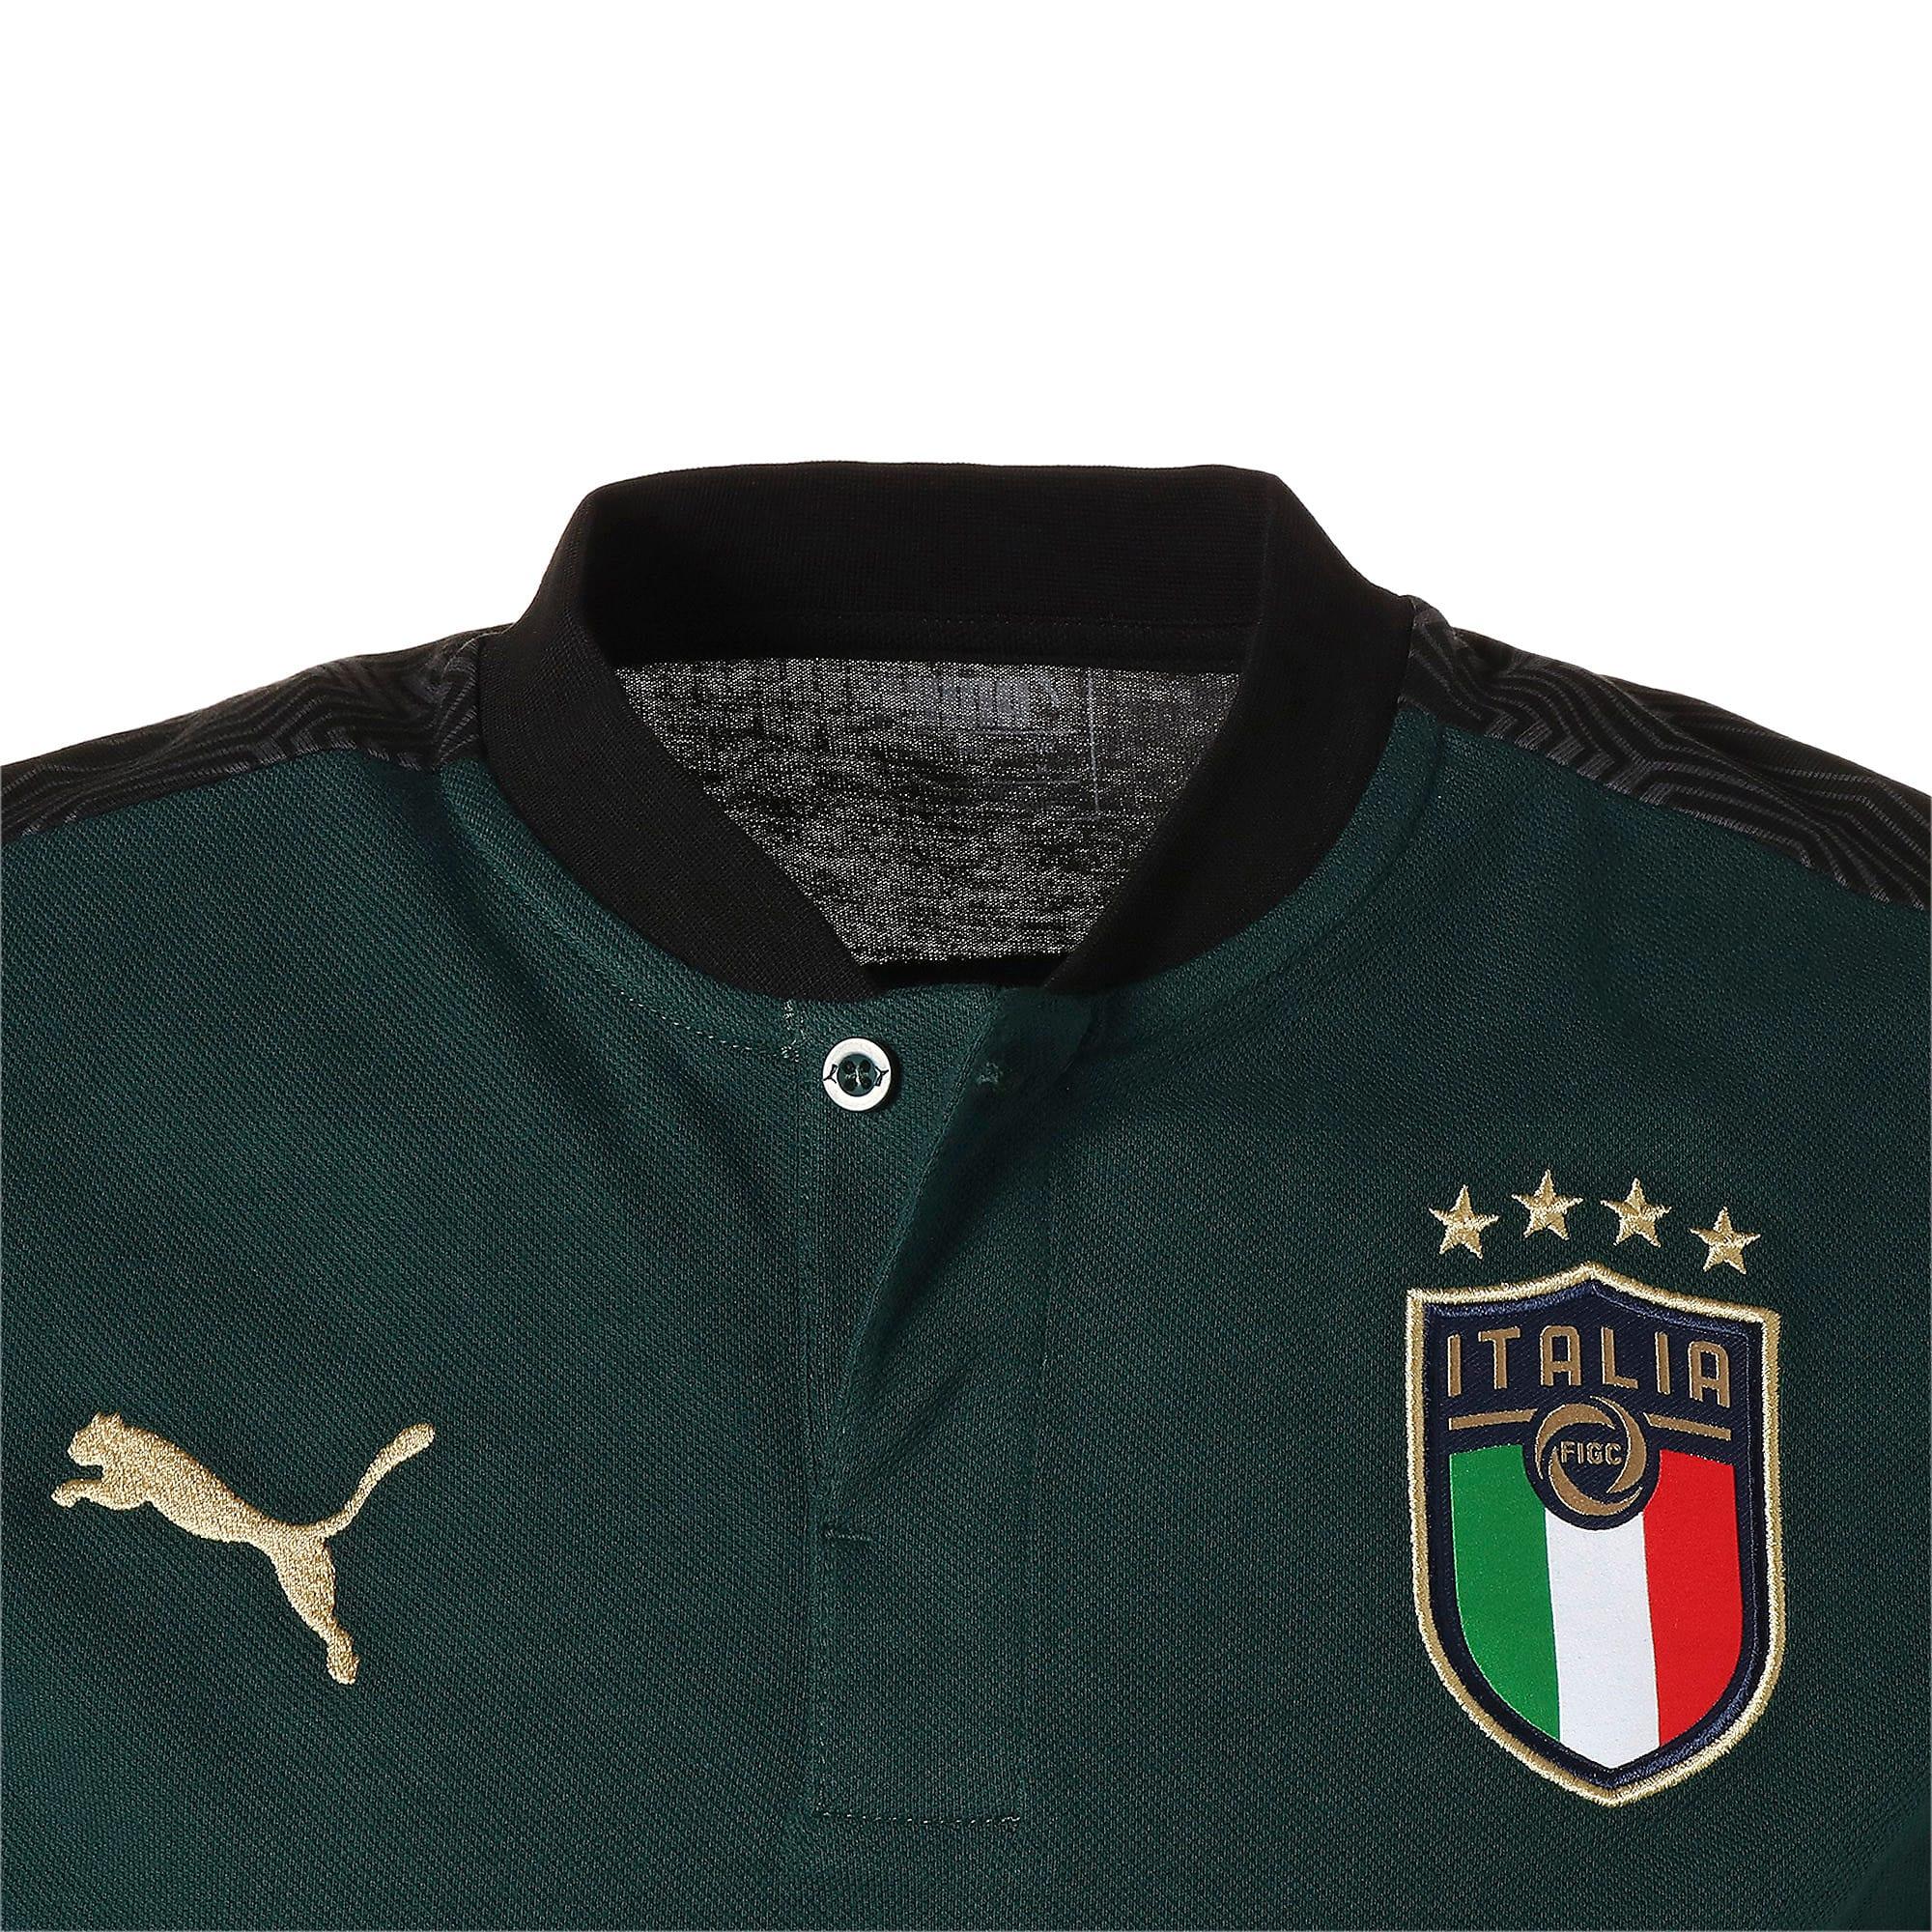 Thumbnail 7 of FIGC イタリア カジュアル ポロシャツ 半袖, Ponderosa Pine-Peacoat, medium-JPN